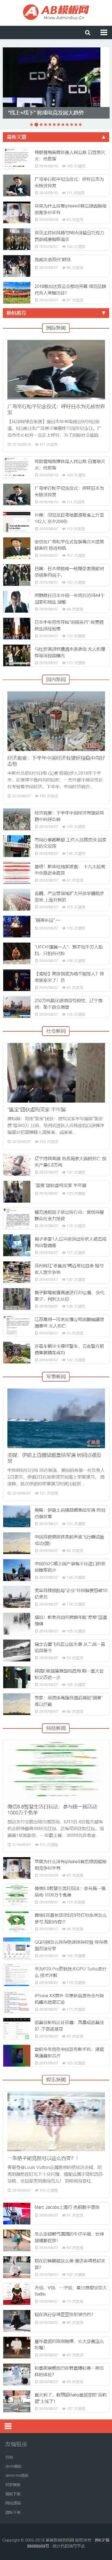 新闻资讯门户博客网站织梦dede模板源码[自适应手机版]插图1